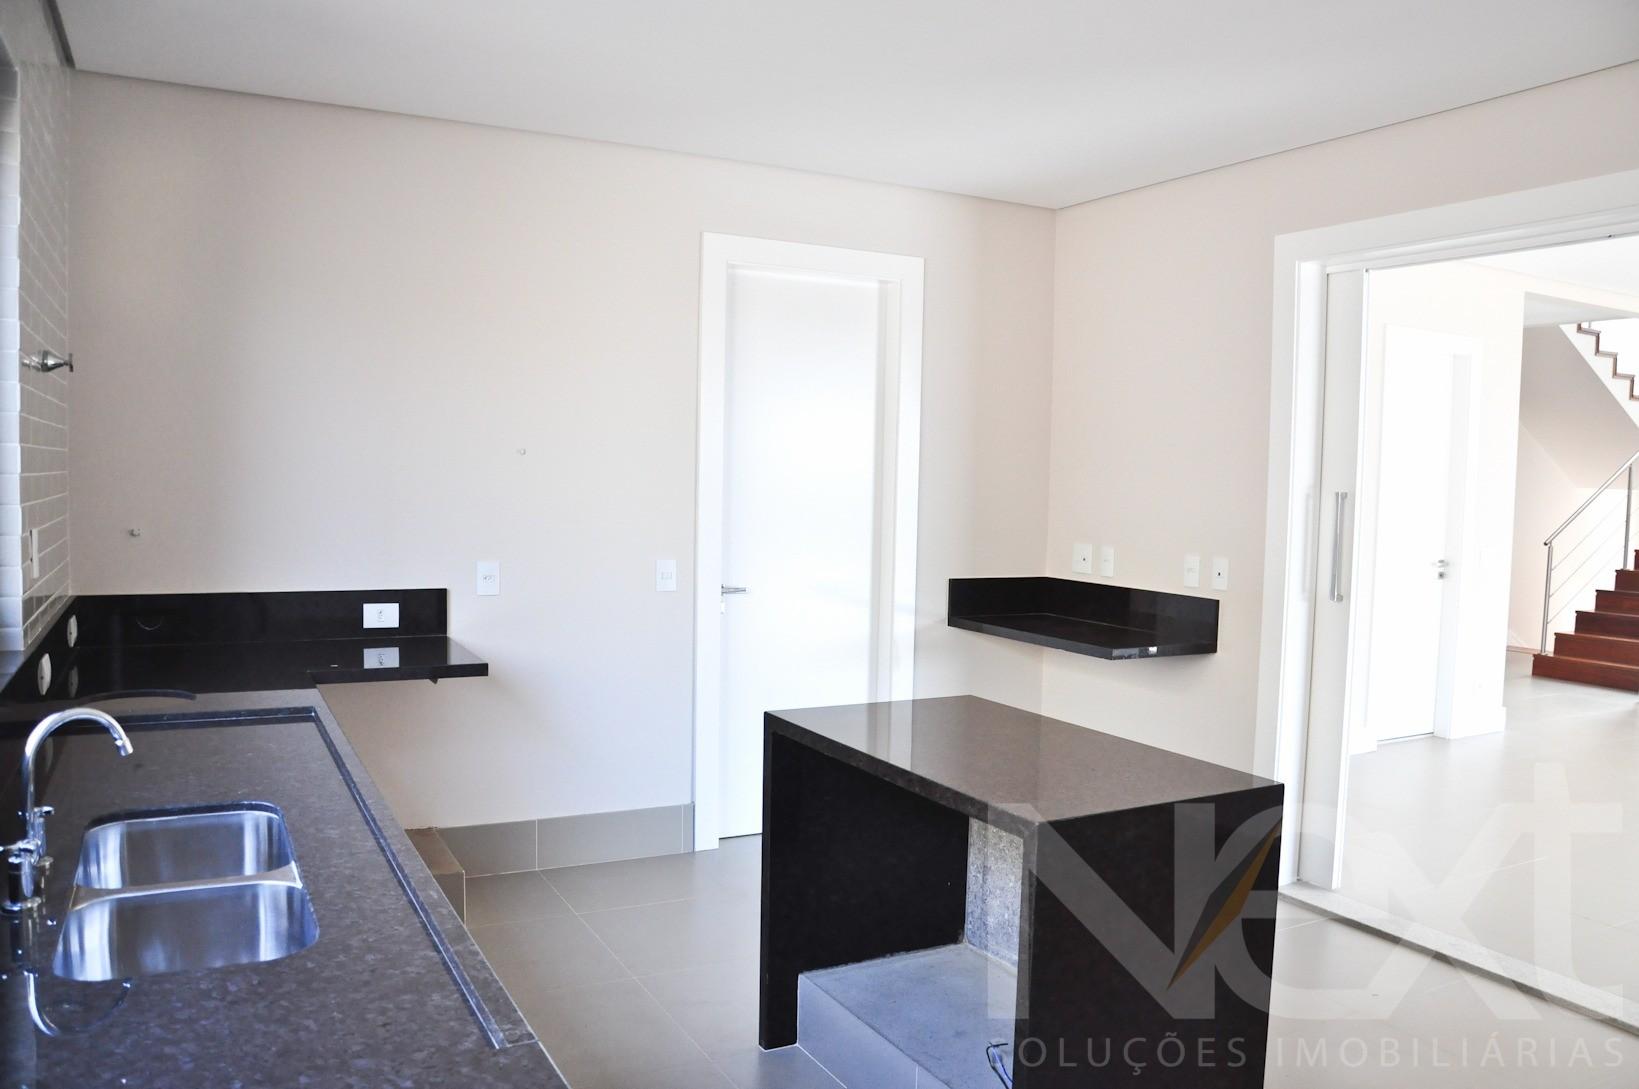 Casa de 5 dormitórios em Bairro Alphaville, Campinas - SP